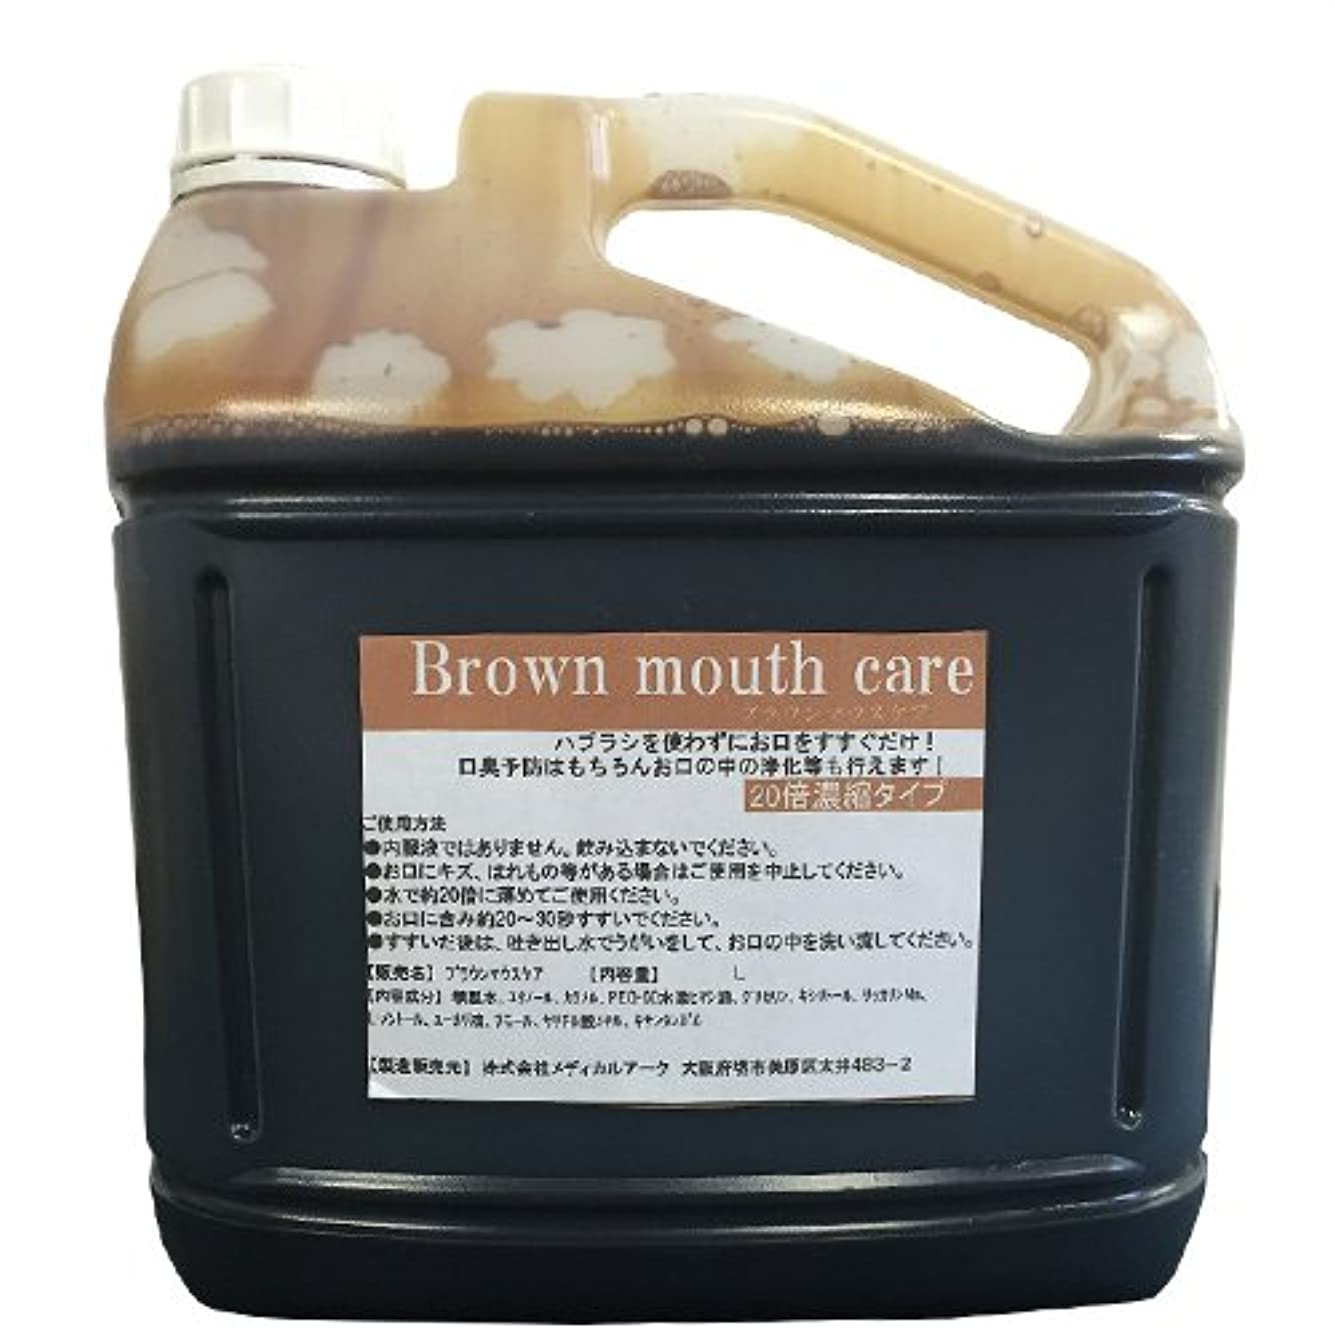 冗談で割れ目列挙する業務用洗口液 ガーグル ブラウンマウスケア (Brown mouth care) 20倍濃縮タイプ 5L (詰め替えコック付き)